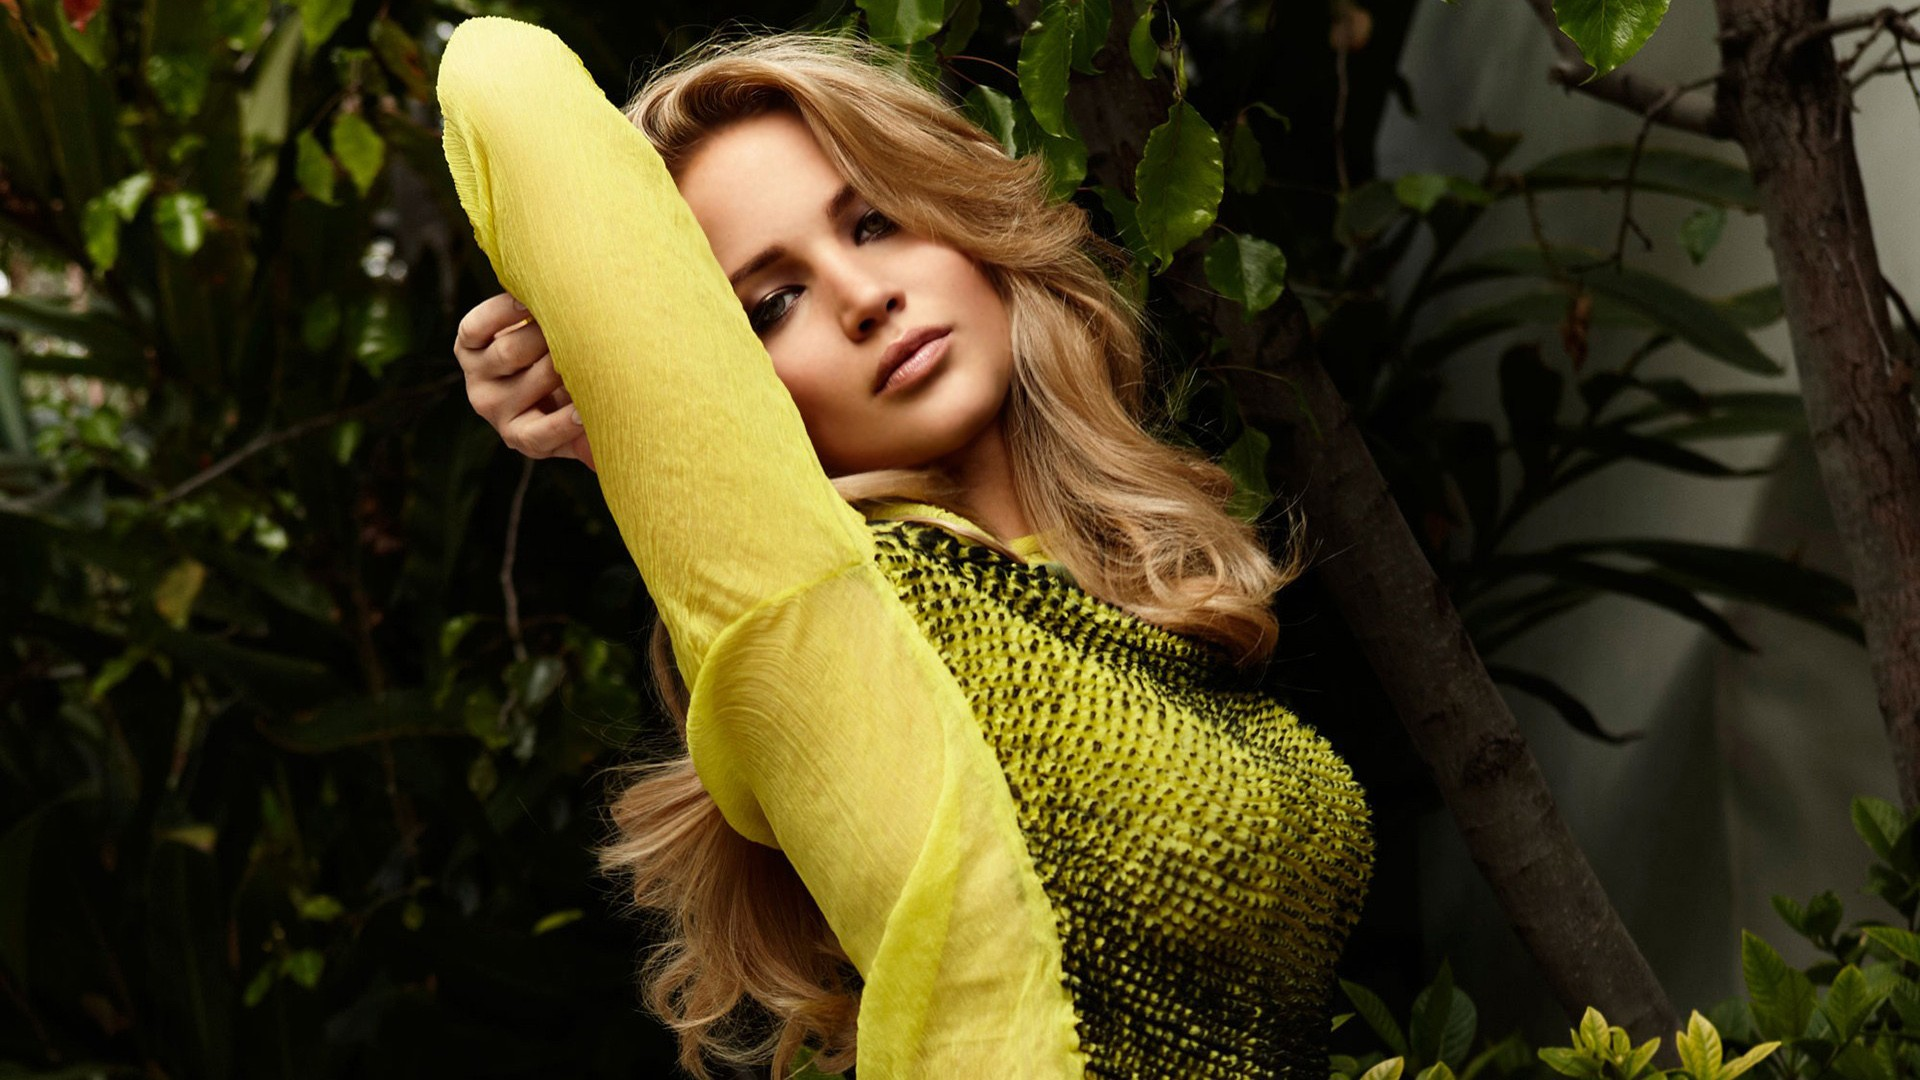 jennifer lawrence yellow dress wallpaper background